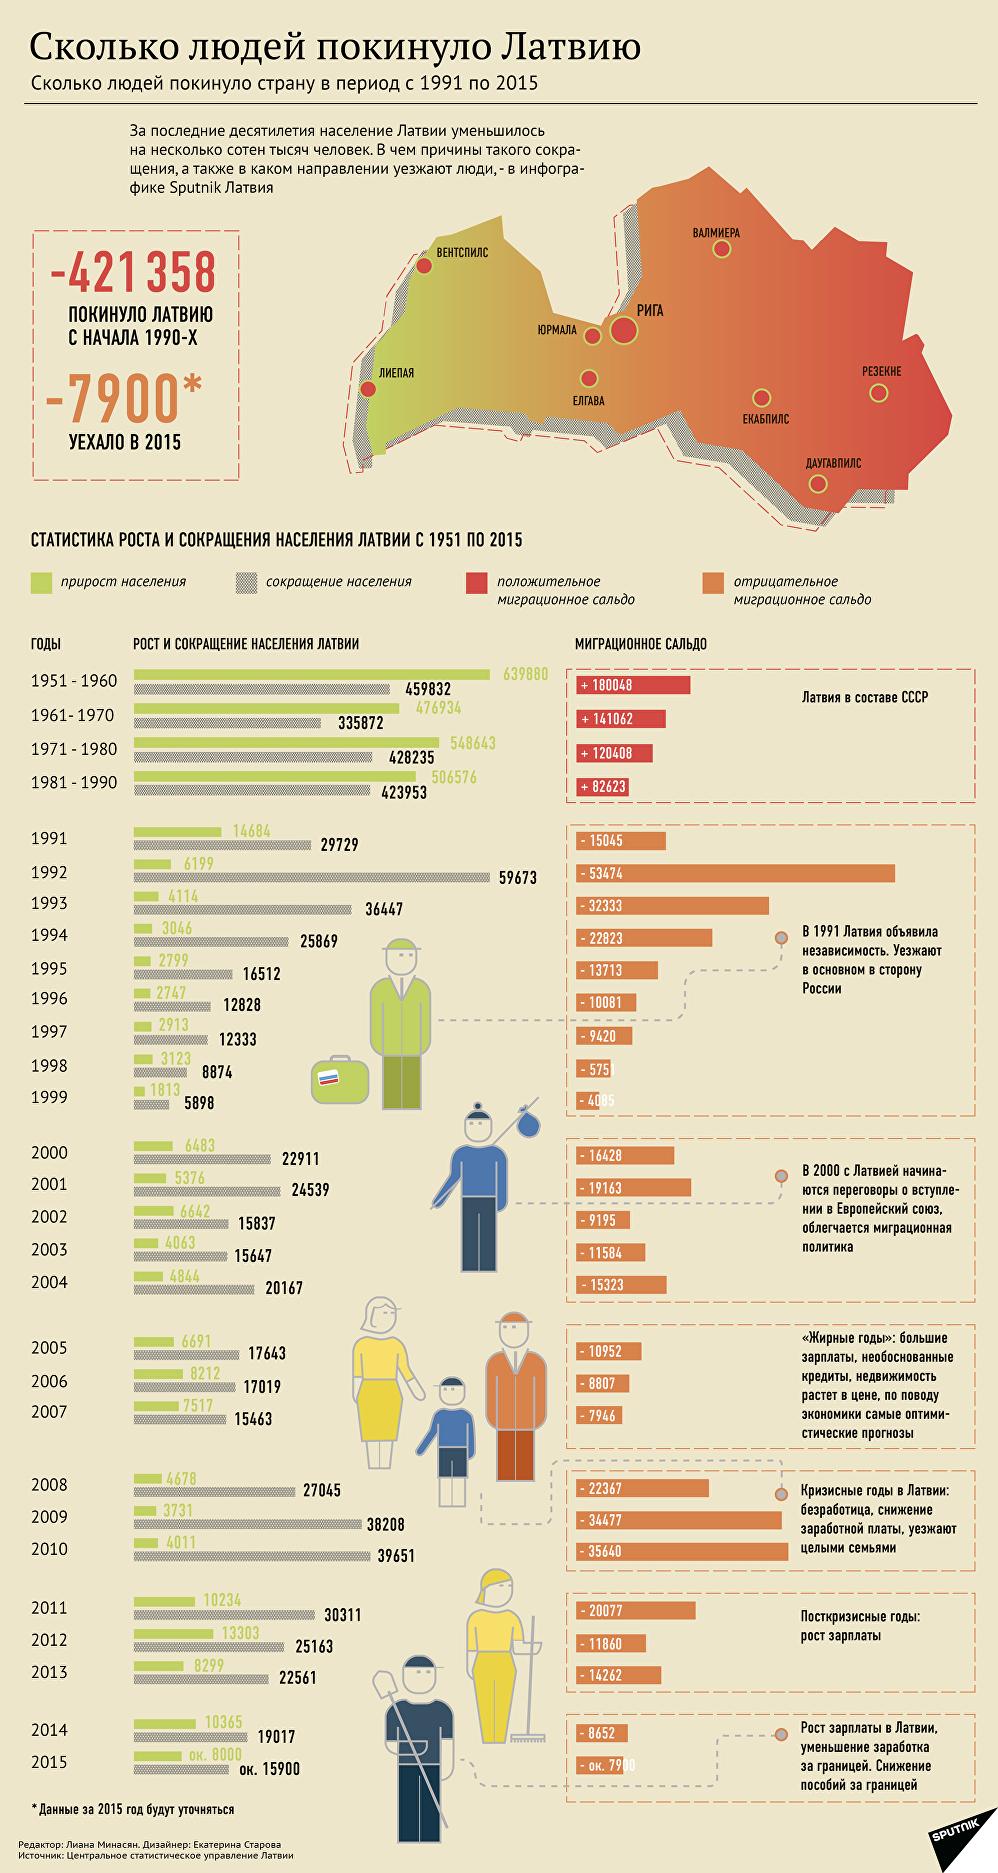 Сколько людей покинуло страну в период с 1991 по 2015